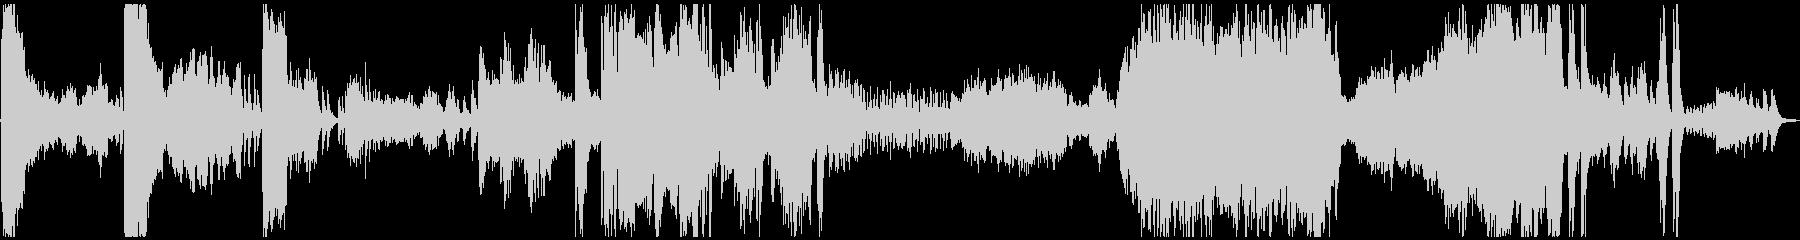 ベートーヴェン_ピアノ協奏曲5番_皇帝1の未再生の波形